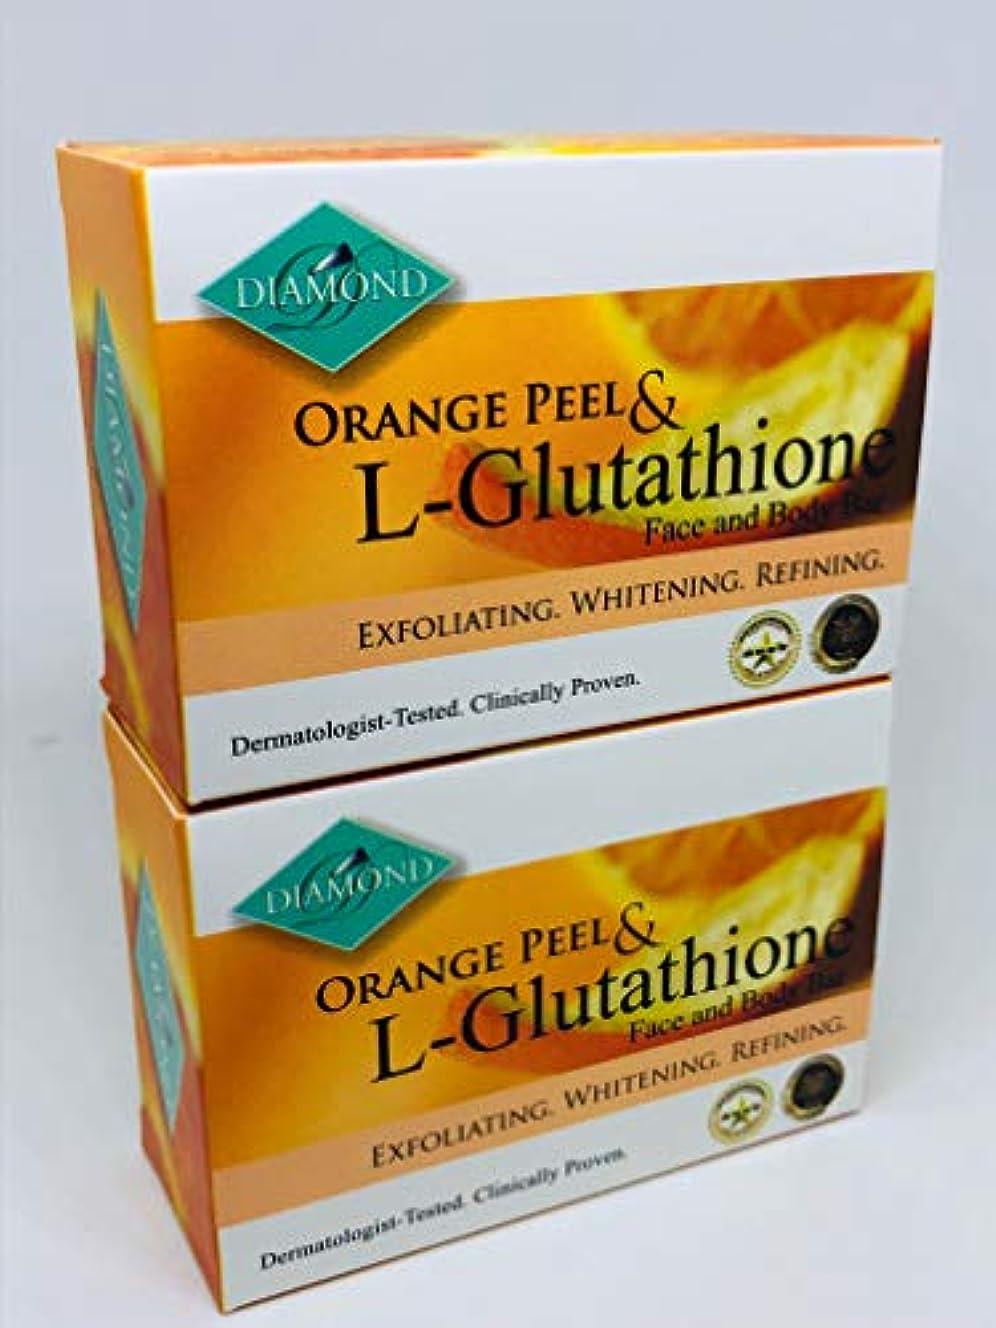 形出席するなんでもDIAMOND ORANGE PEEL&Glutathione soap/オレンジピール&グルタチオン配合ソープ(美容石けん) 150g×2個 正規輸入品